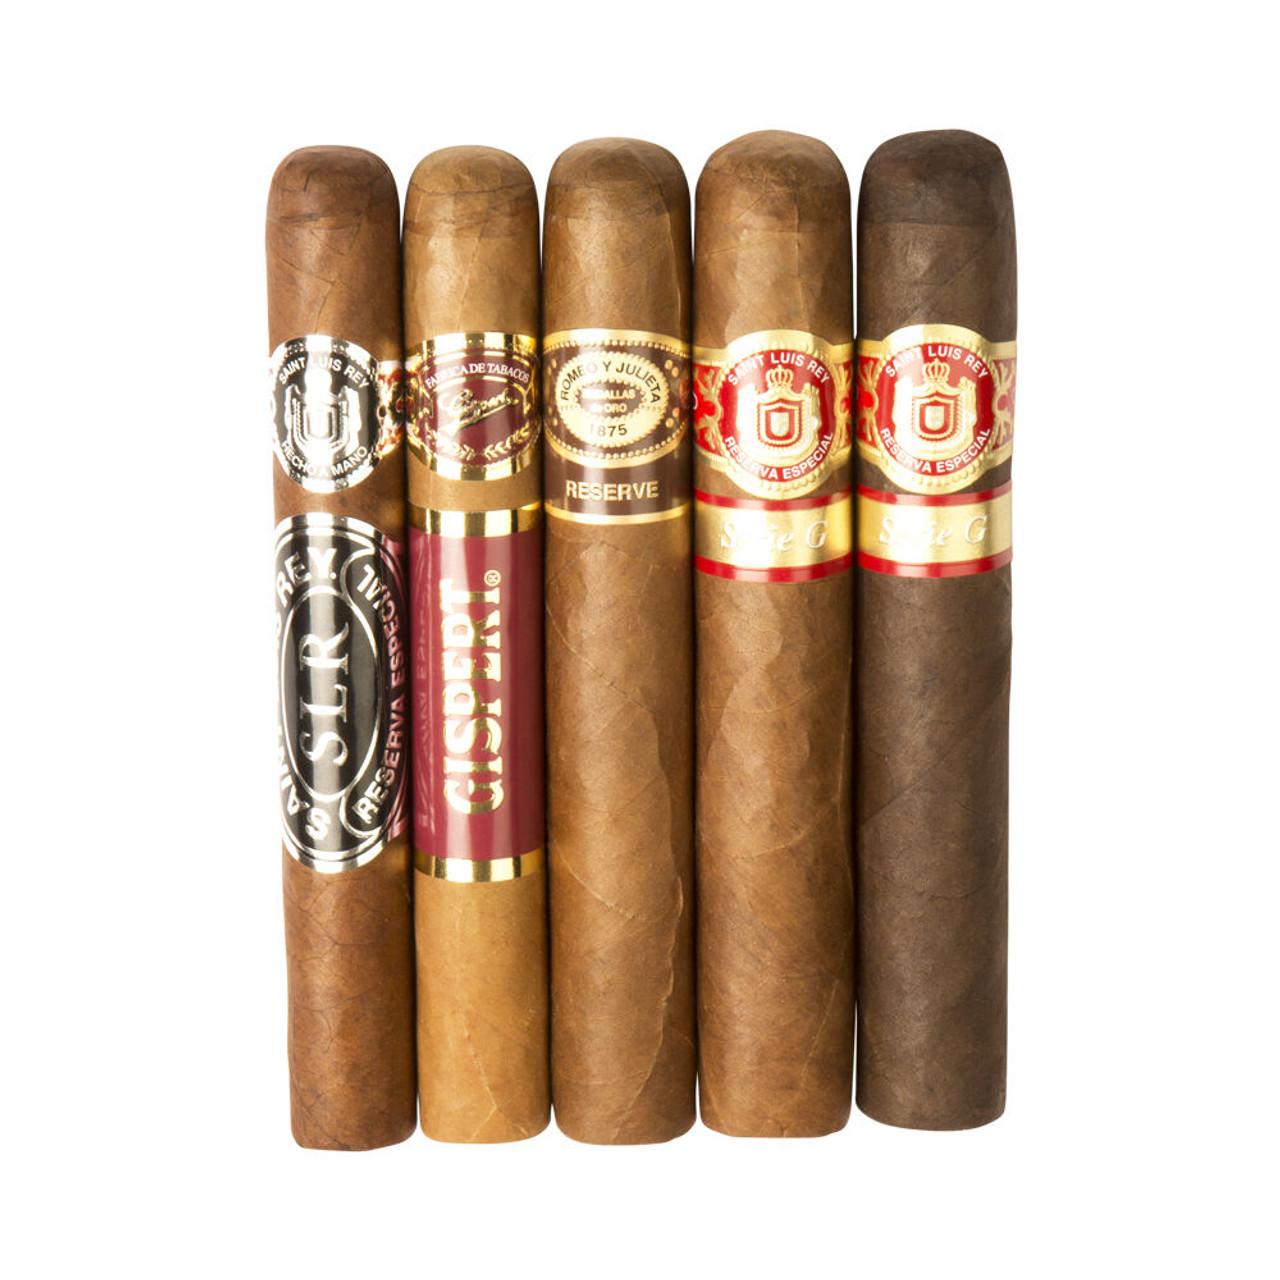 Cigar Samplers Honduran Lovers Assortment Cigars (Pack of 5)